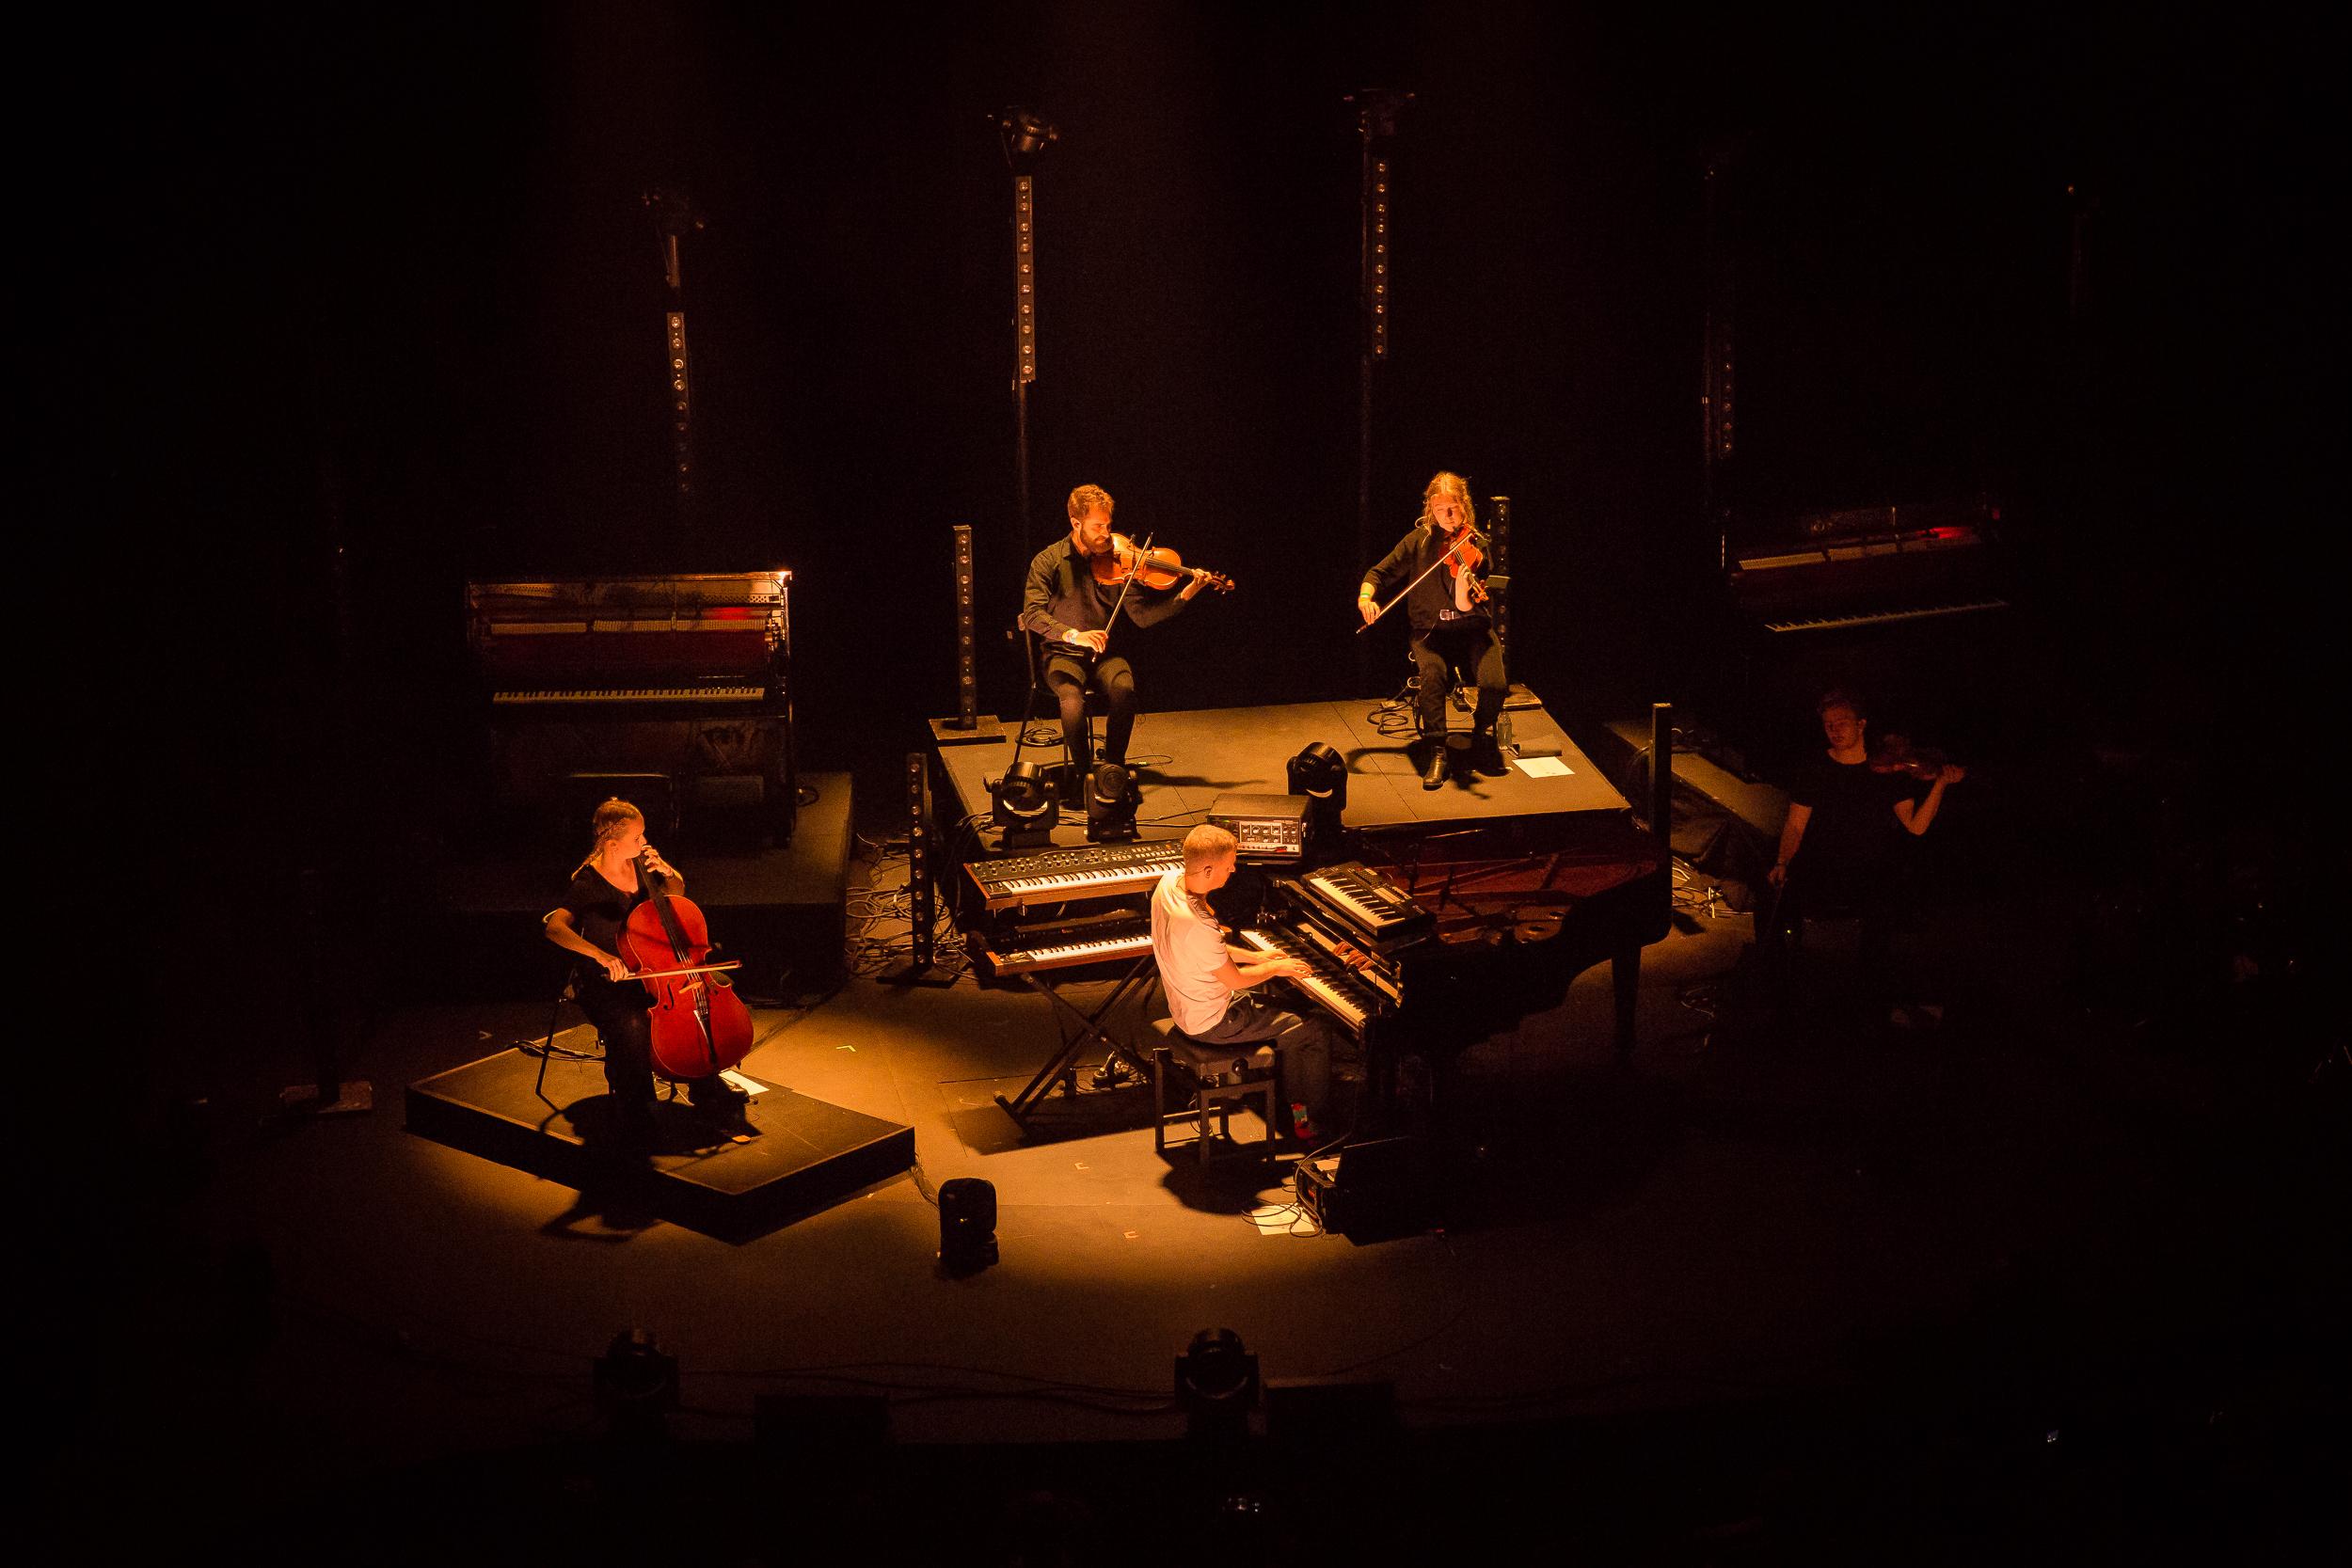 Ólafur Arnalds live at Iceland Airwaves